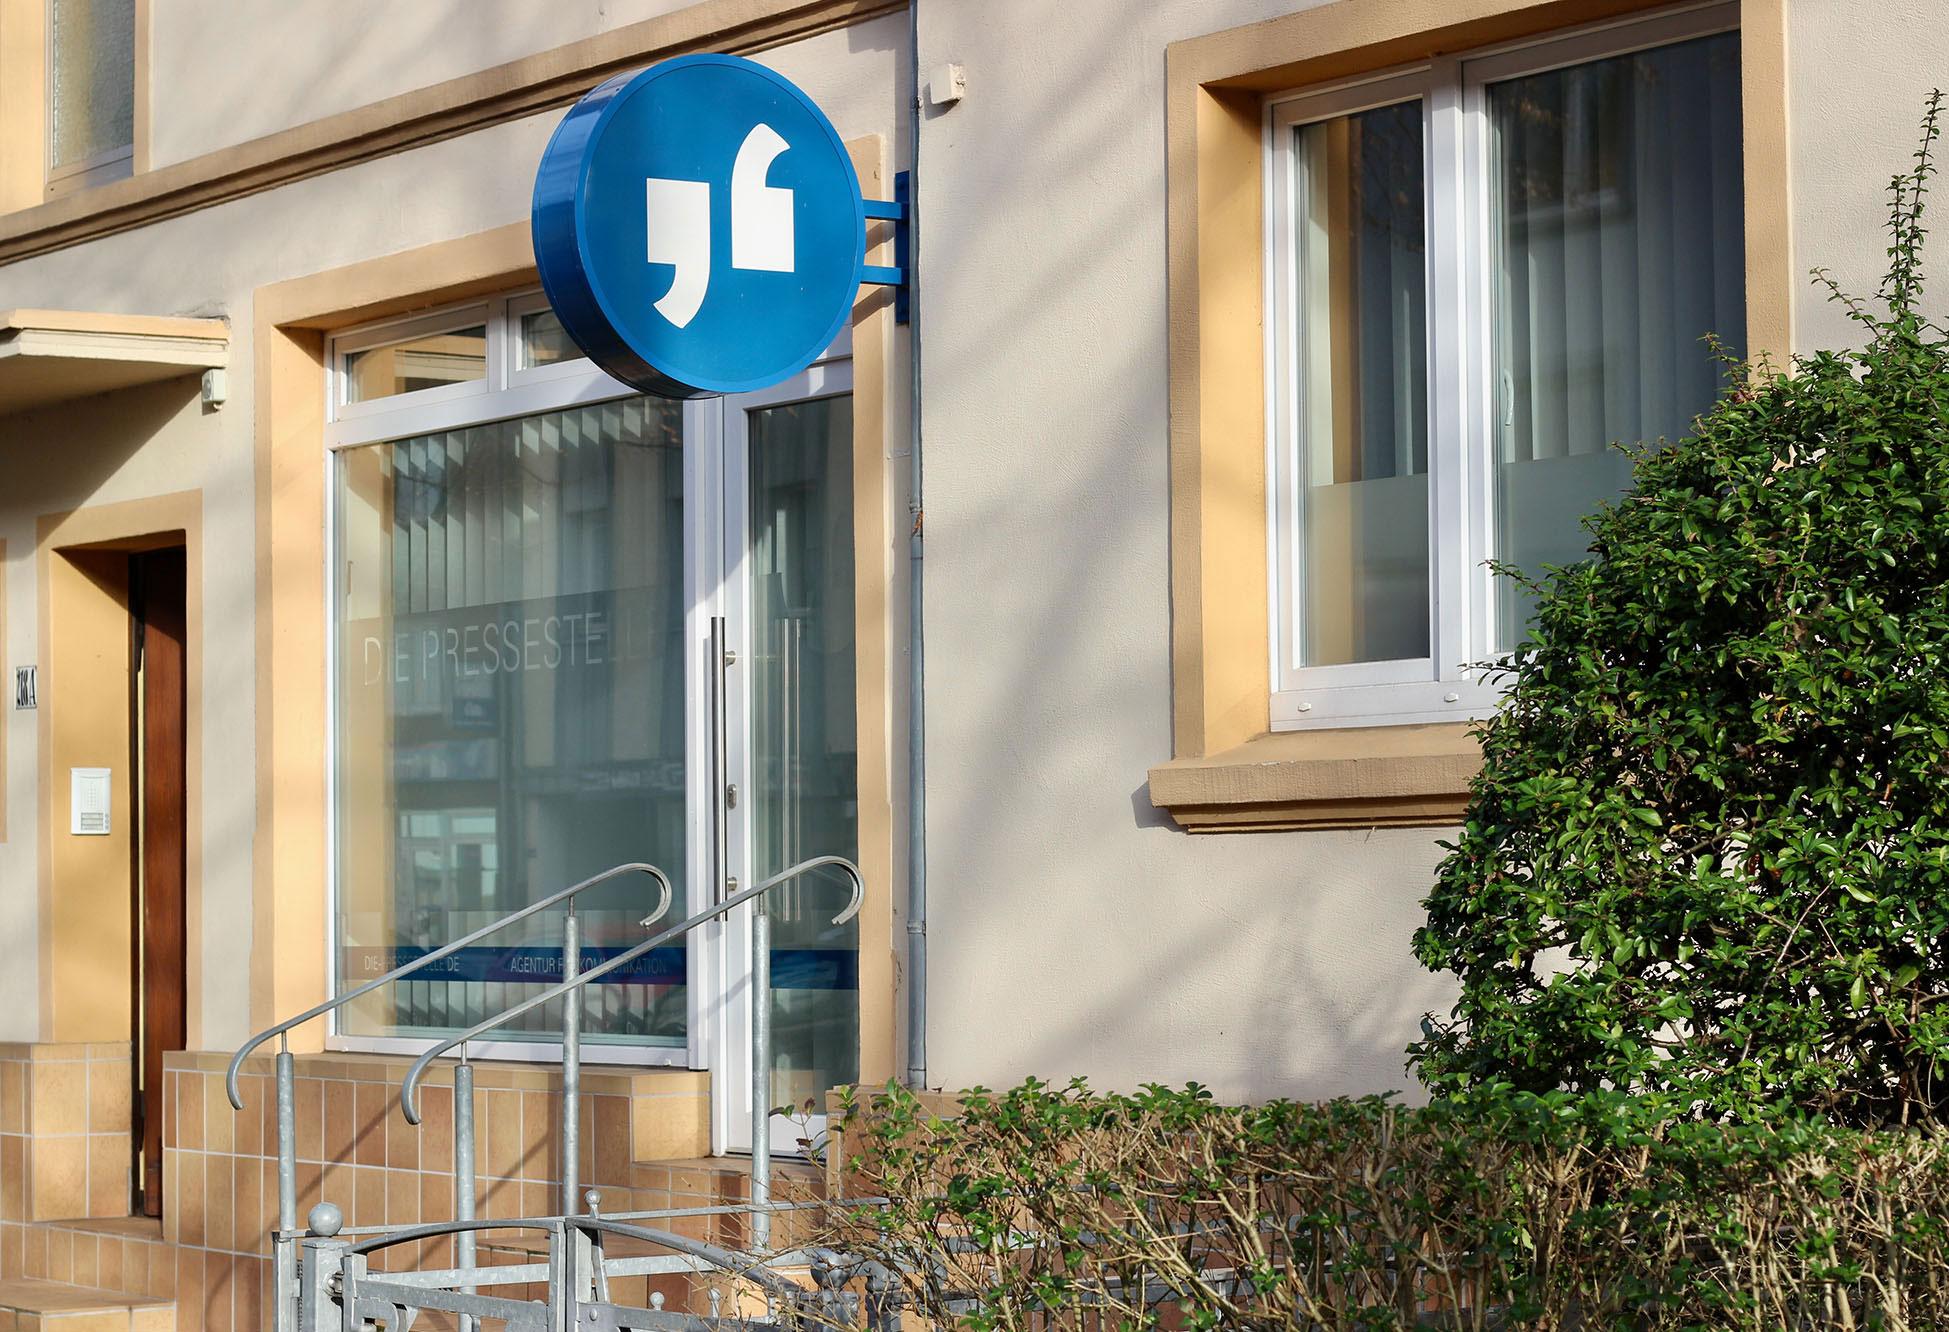 Die Pressestelle Osnabrück